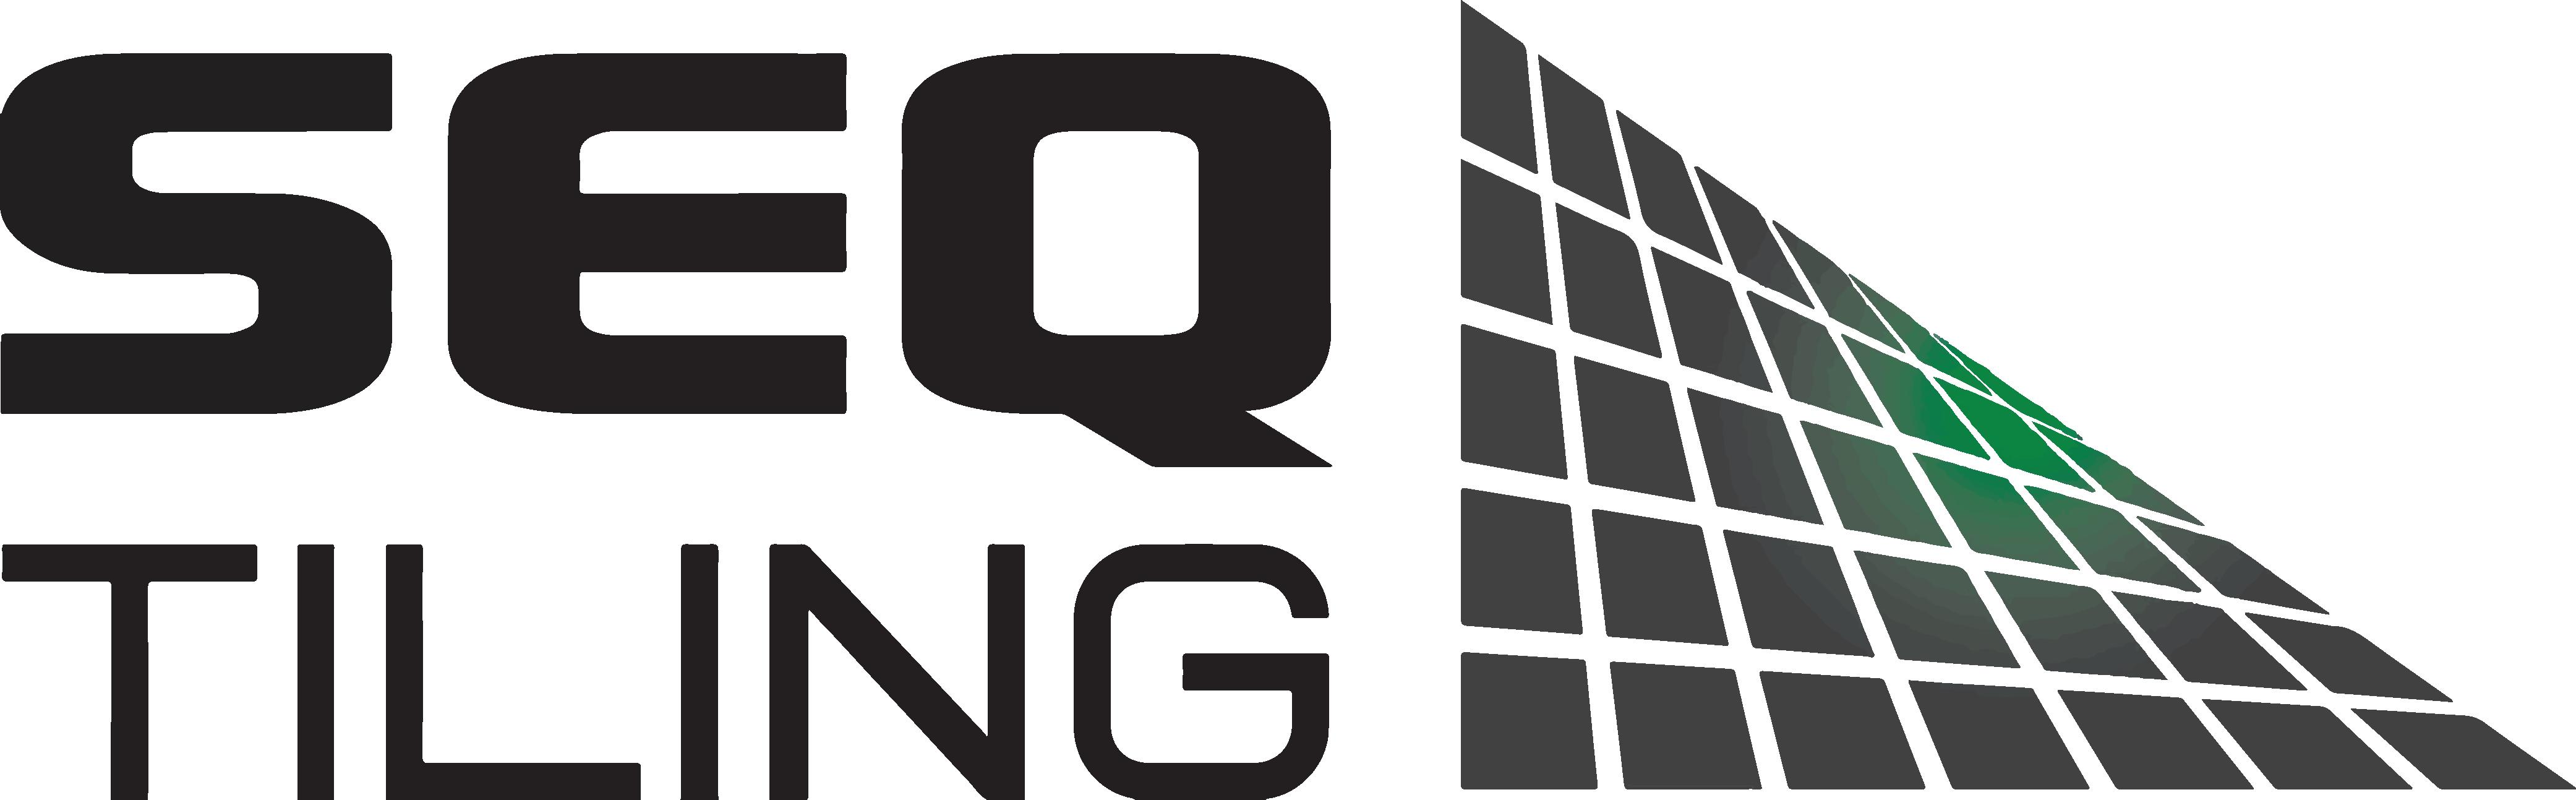 Brisbane's Premier Tiling Organisation